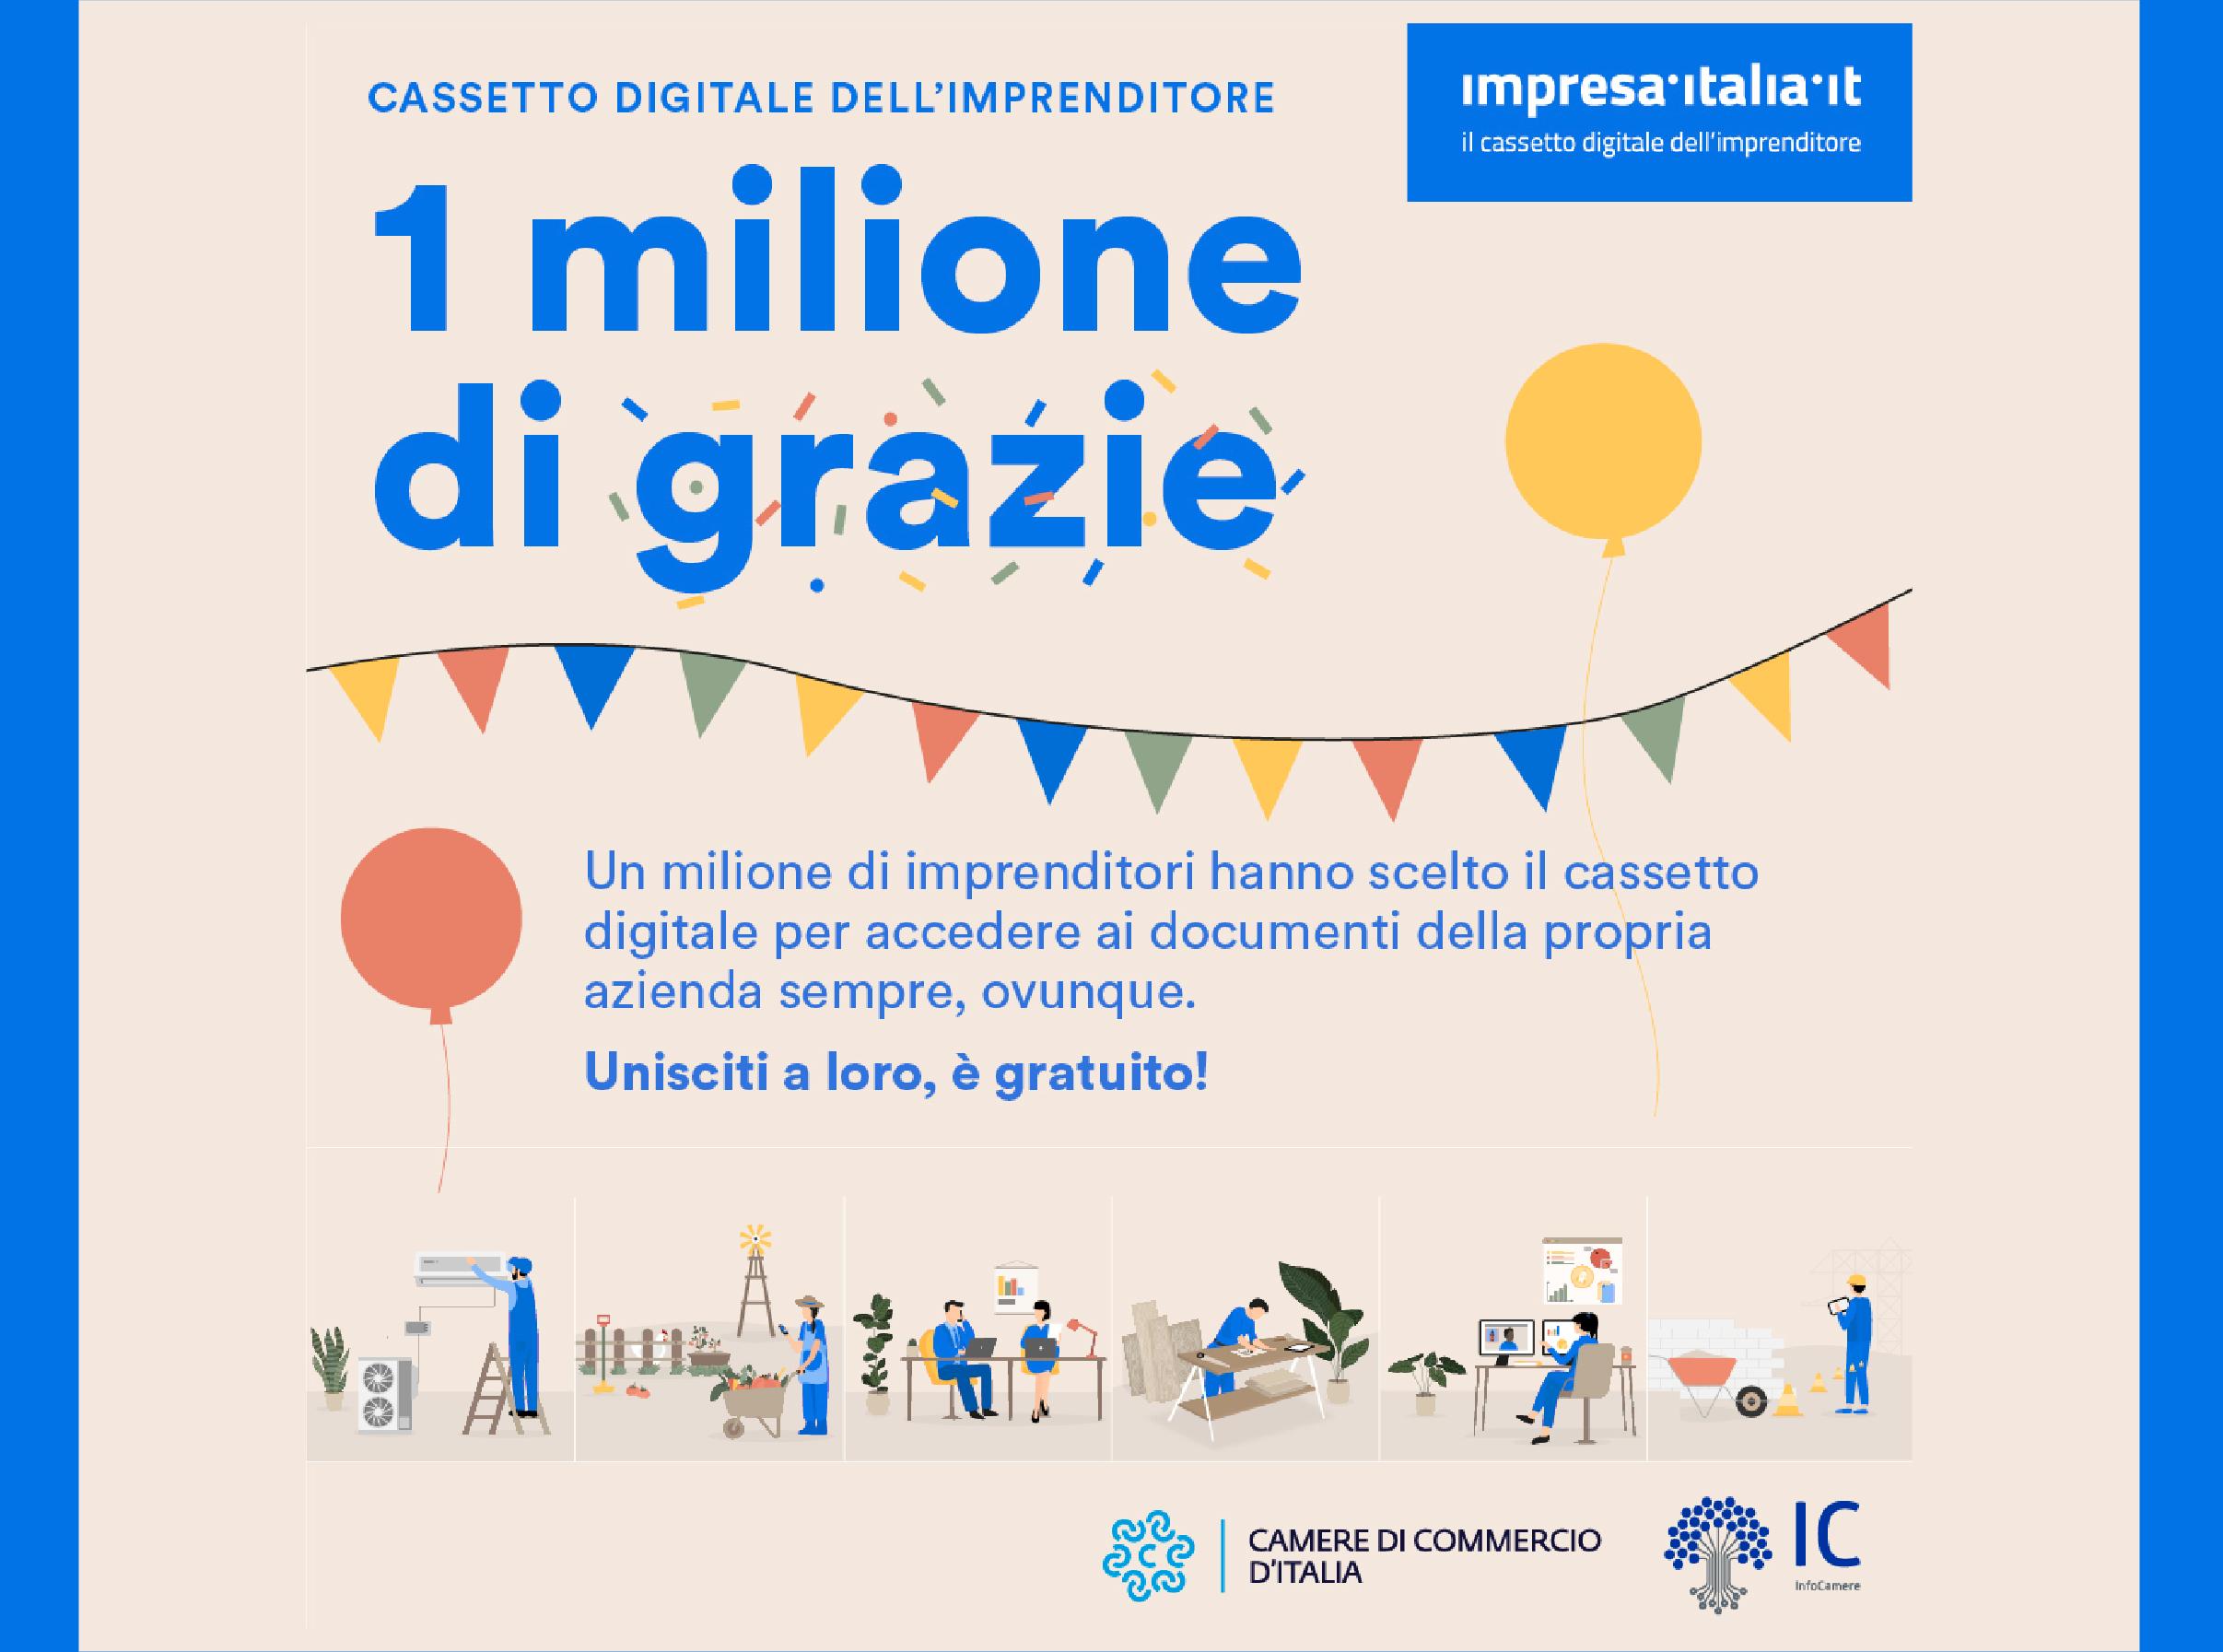 12.000 aziende lucane hanno aderito al Cassetto Digitale dell'imprenditore. In Italia sono 1 milione